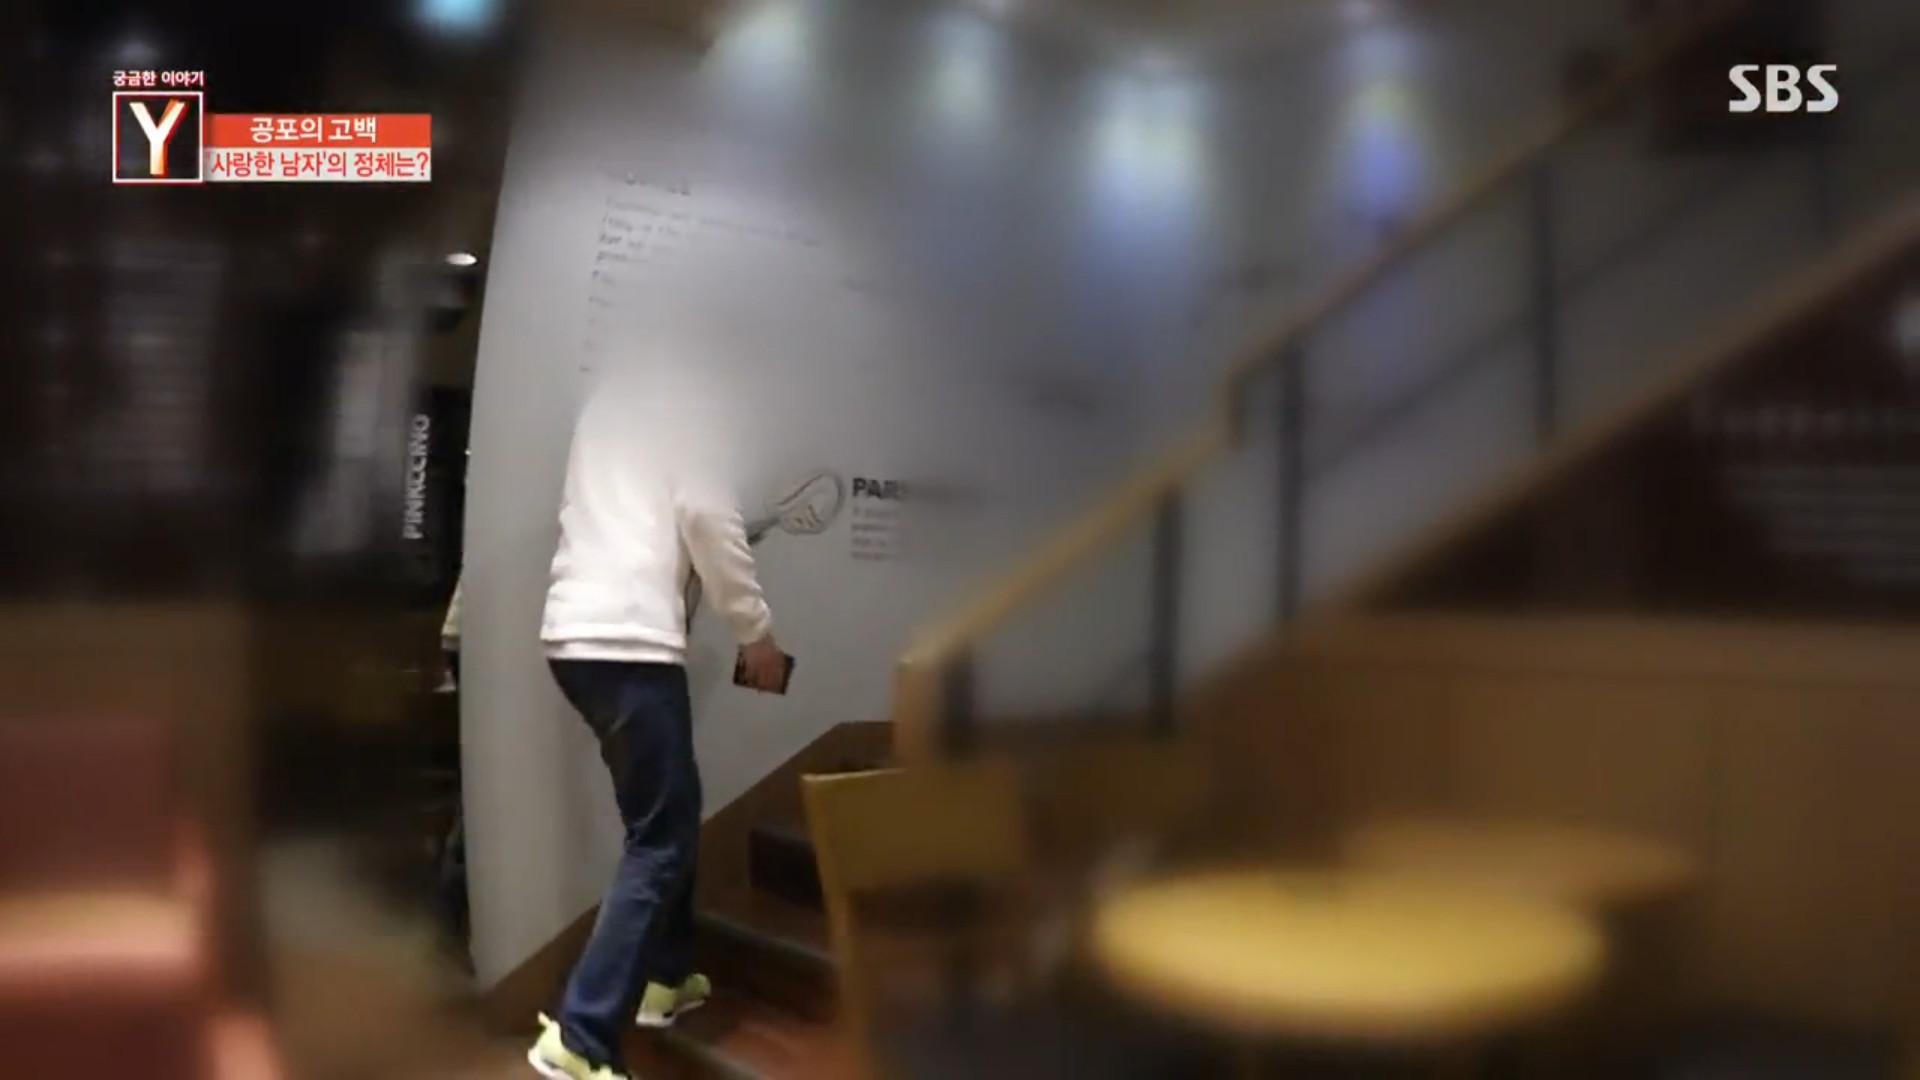 ▲▼外送員騷擾(圖/翻攝自Youtube@SBSNow)